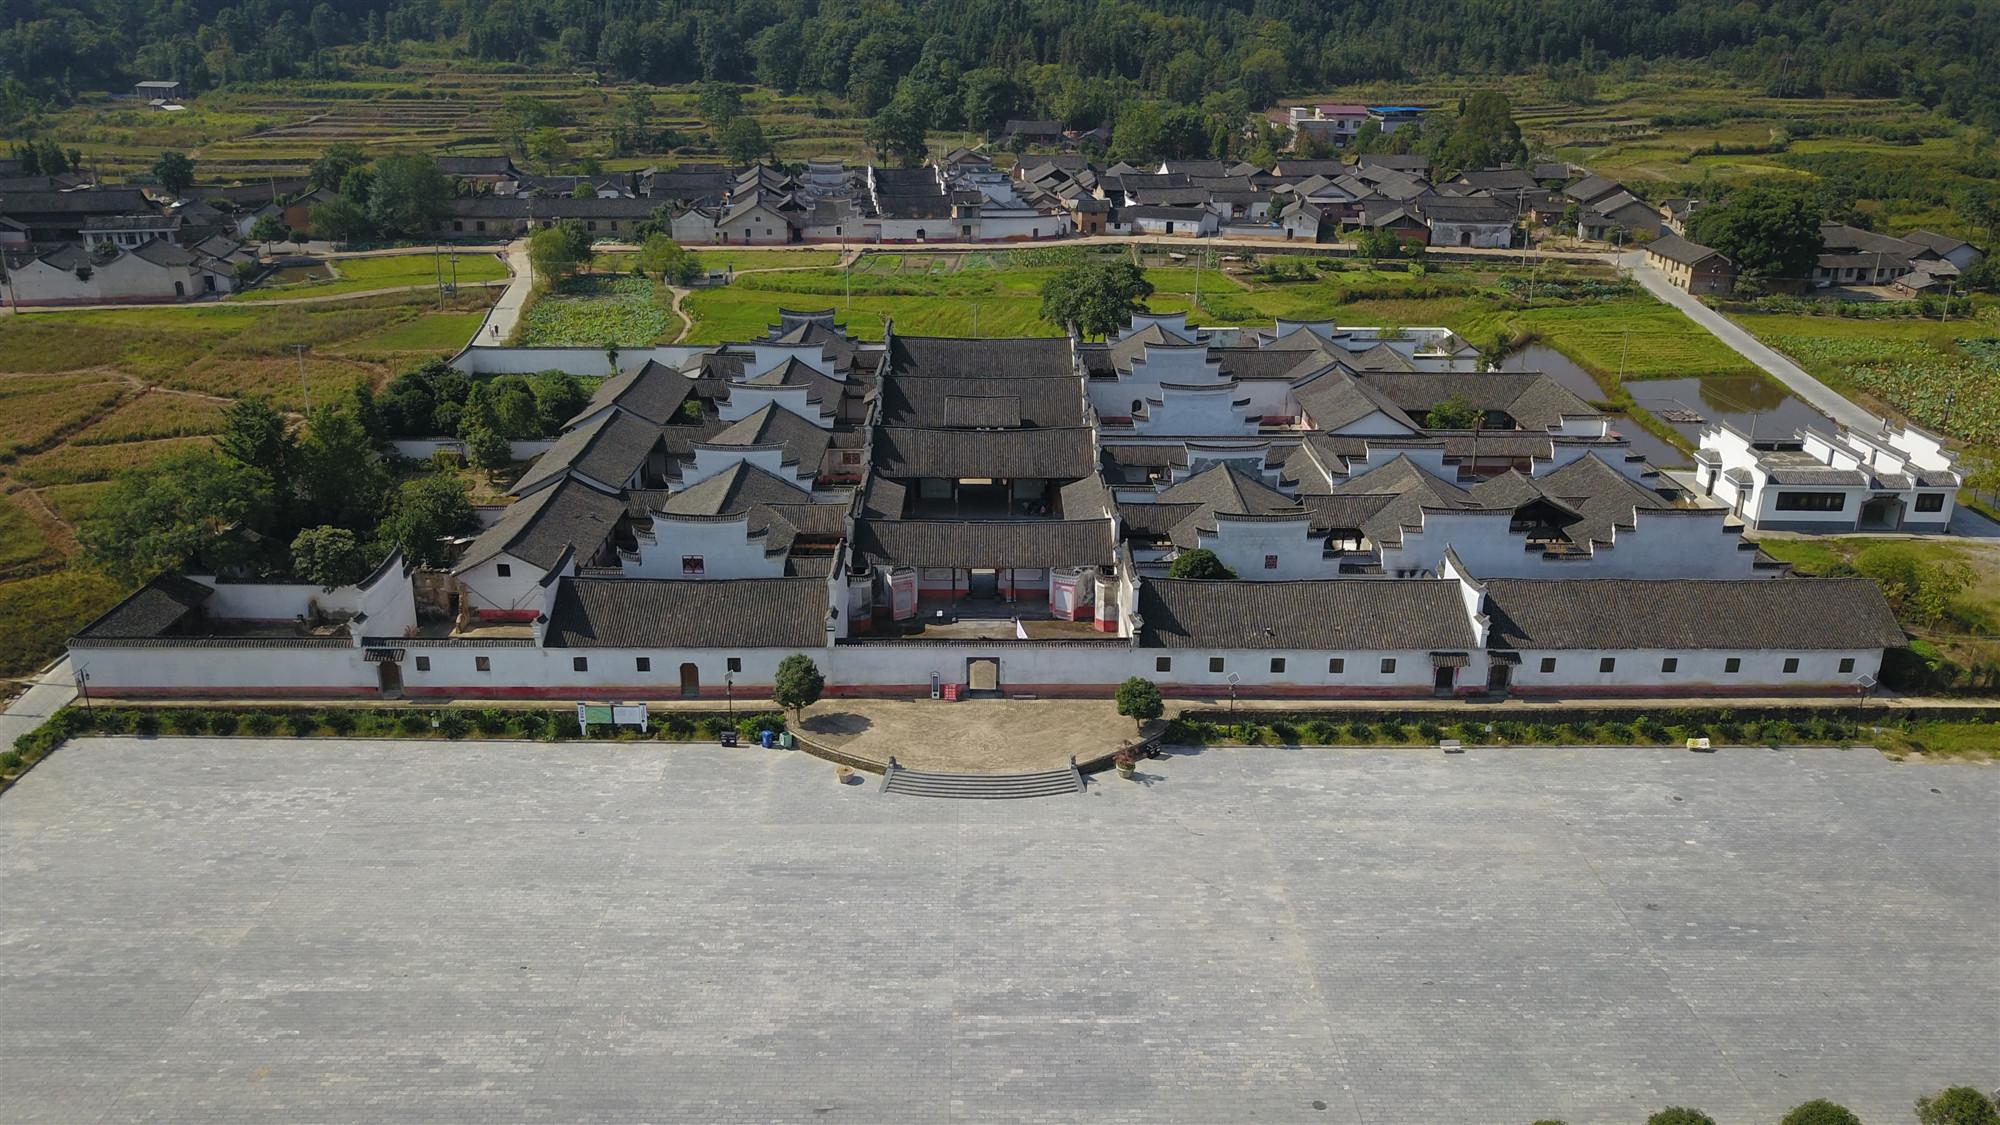 周家大院 | 愛蓮文化引領,以山水建筑之名筑最美鄉村